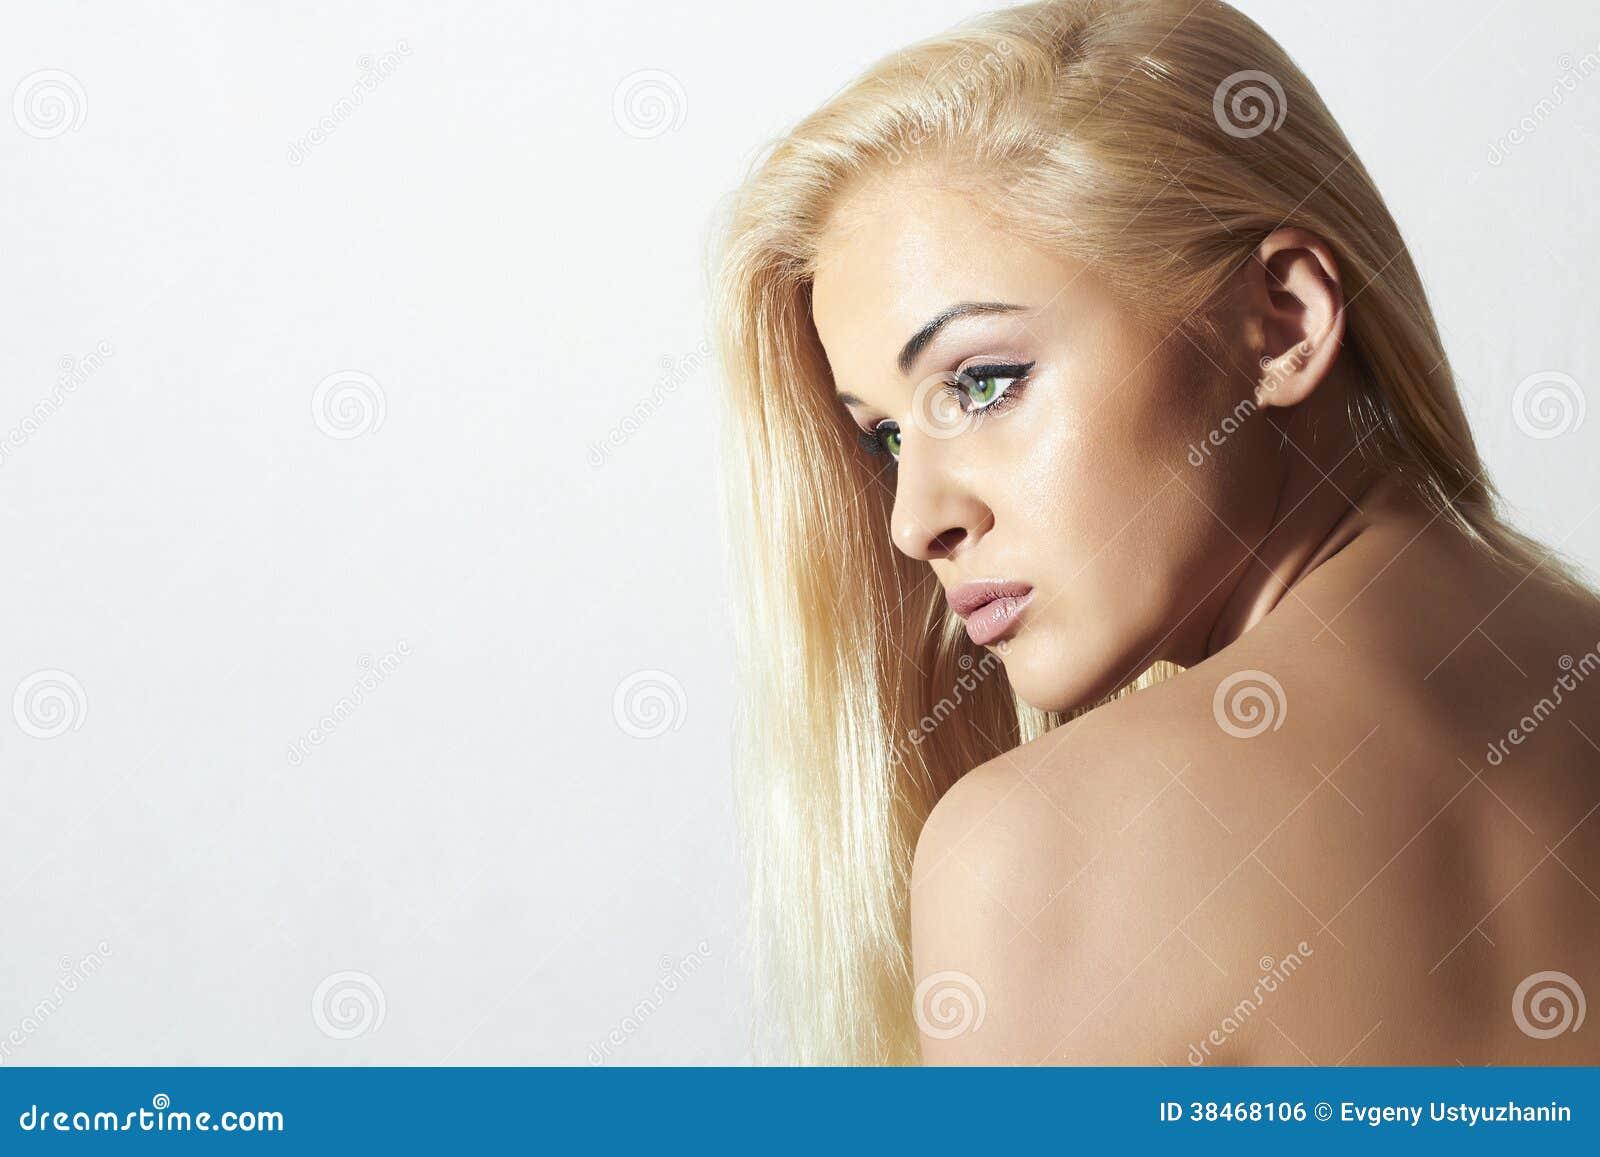 γυμνό κορίτσια εξάπλωση φωτογραφίες